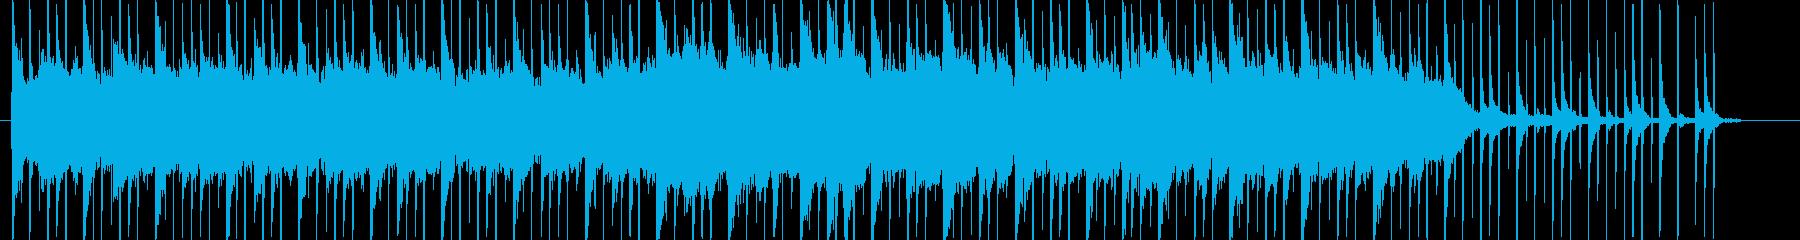 幻想的なピアノサウンドの再生済みの波形